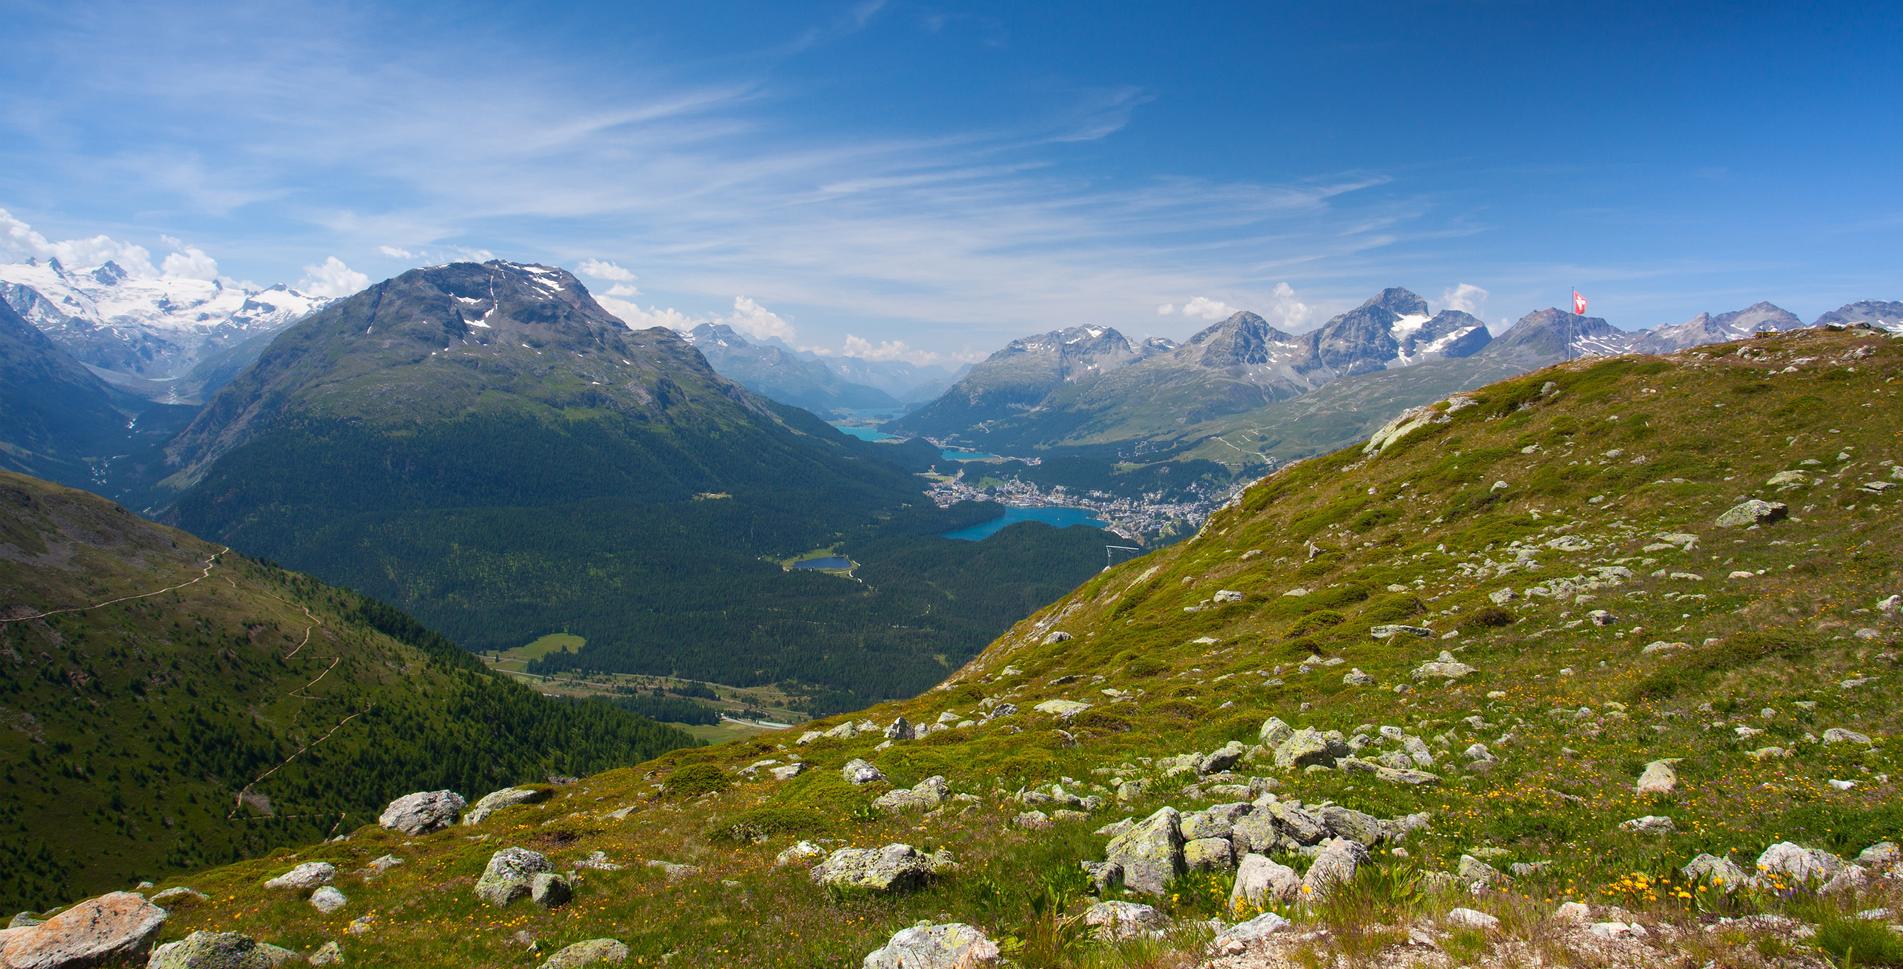 Mehrtageswanderungen Schweiz. Alle Etappen im Überblick: Sardona-Welterbe-Weg, Via Spluga, Strada Alta, Vier-Quelle-Weg, Sentiero Cristallina, Via Sett etc.